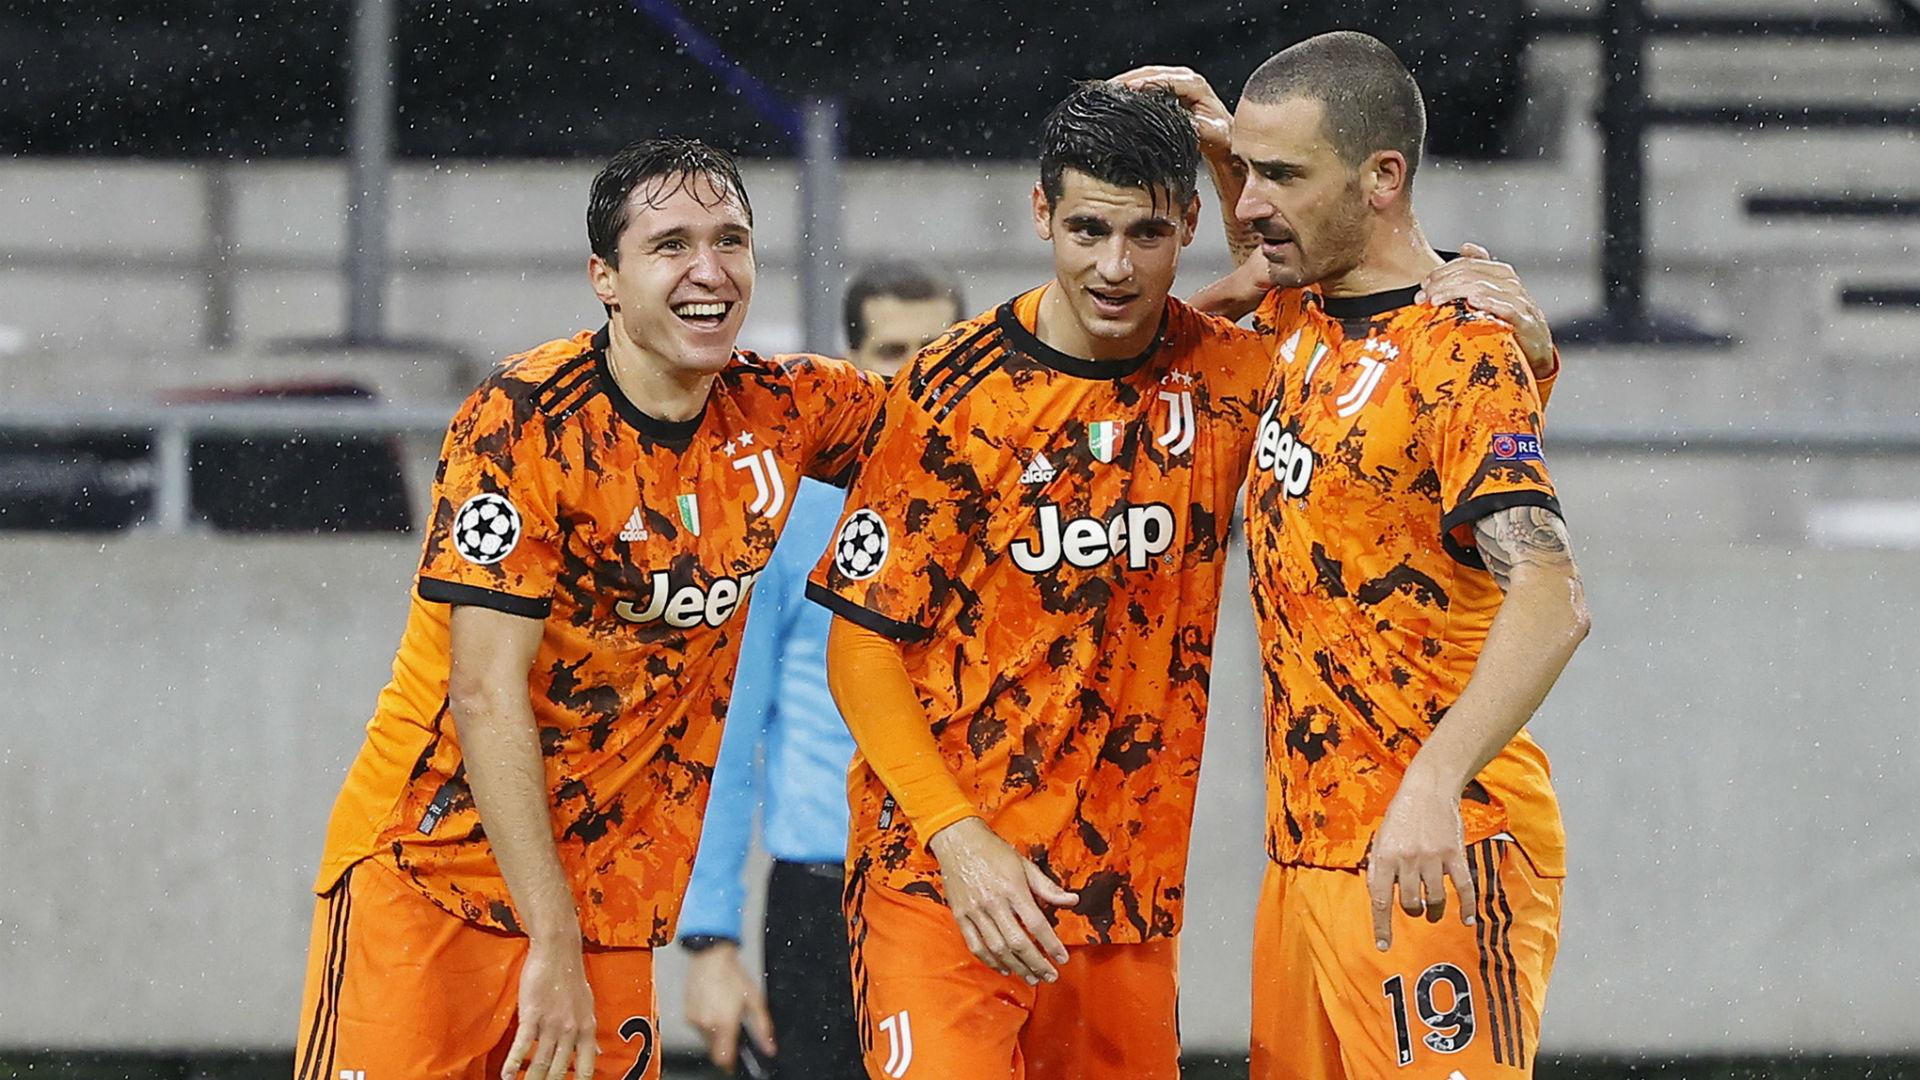 Laporan Pertandingan Ferencvaros Vs Juventus Goal Com